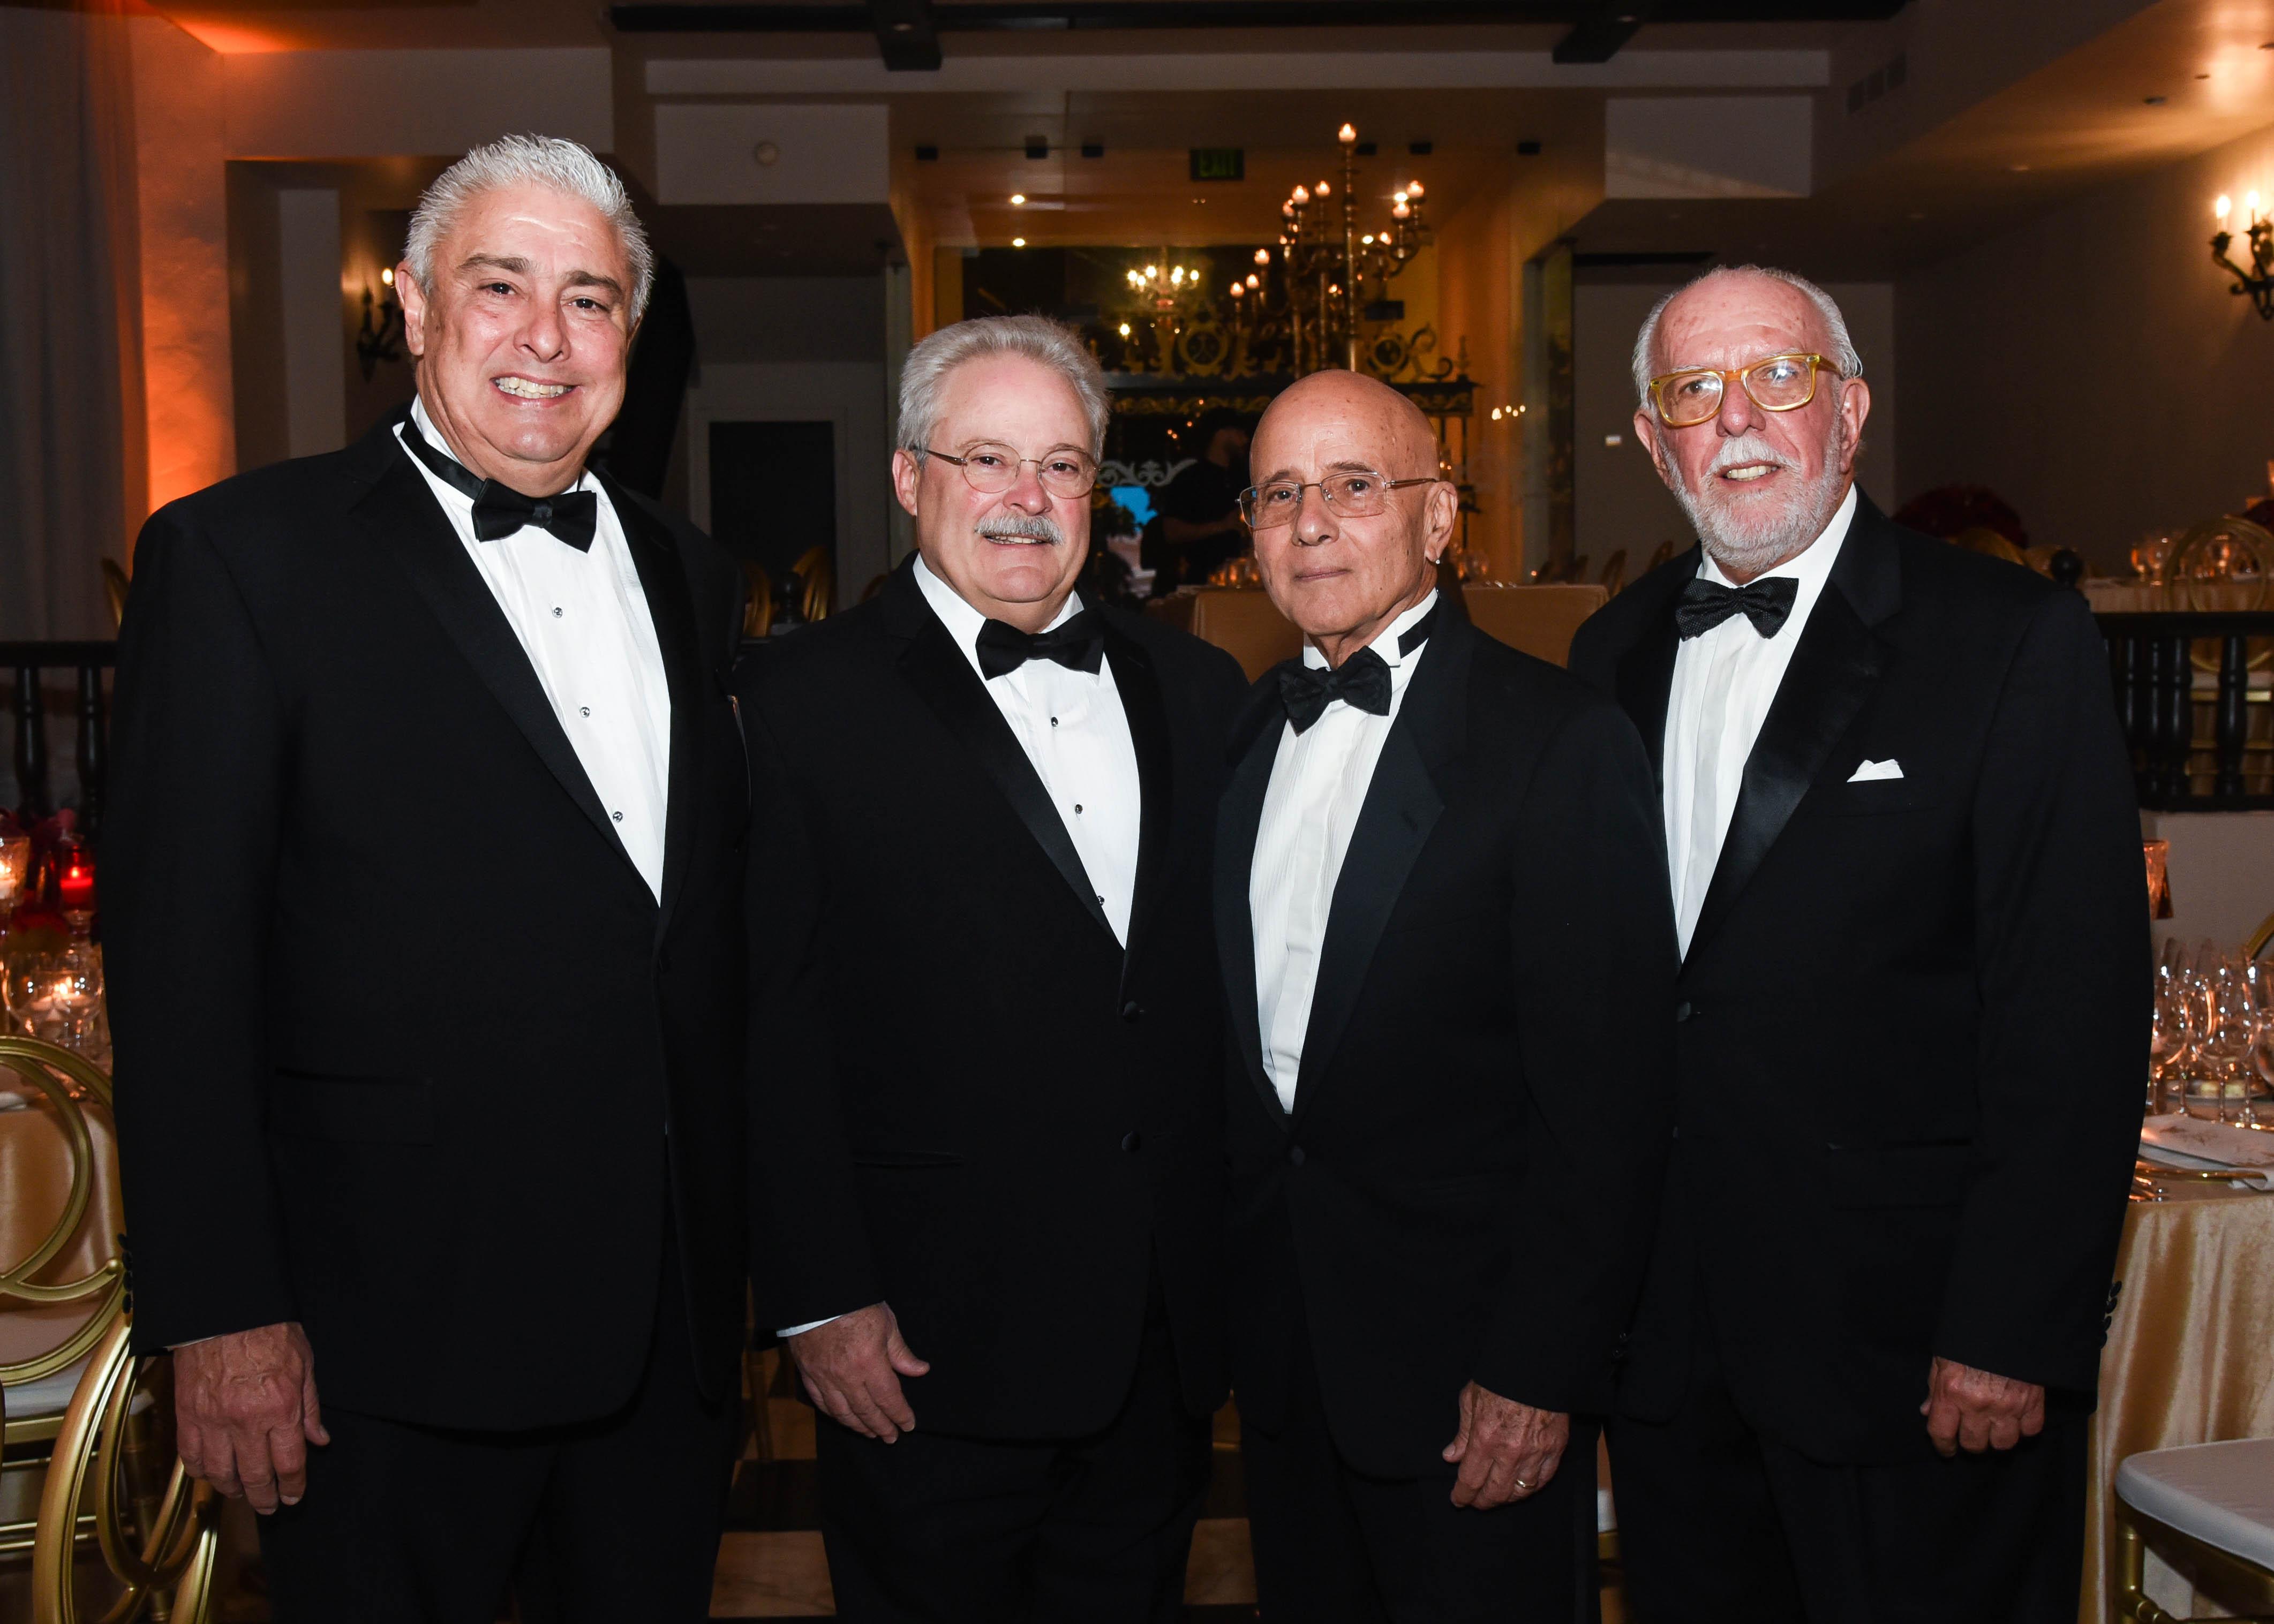 Rafael Nigaglioni, asesor; Diego Suárez, miembro; Ricardo González, presidente y Rogelio Muñoz, secretario, todos de la Junta Directiva del Patronato de Monumentos de San Juan. (Enid M. Salgado Mercado)